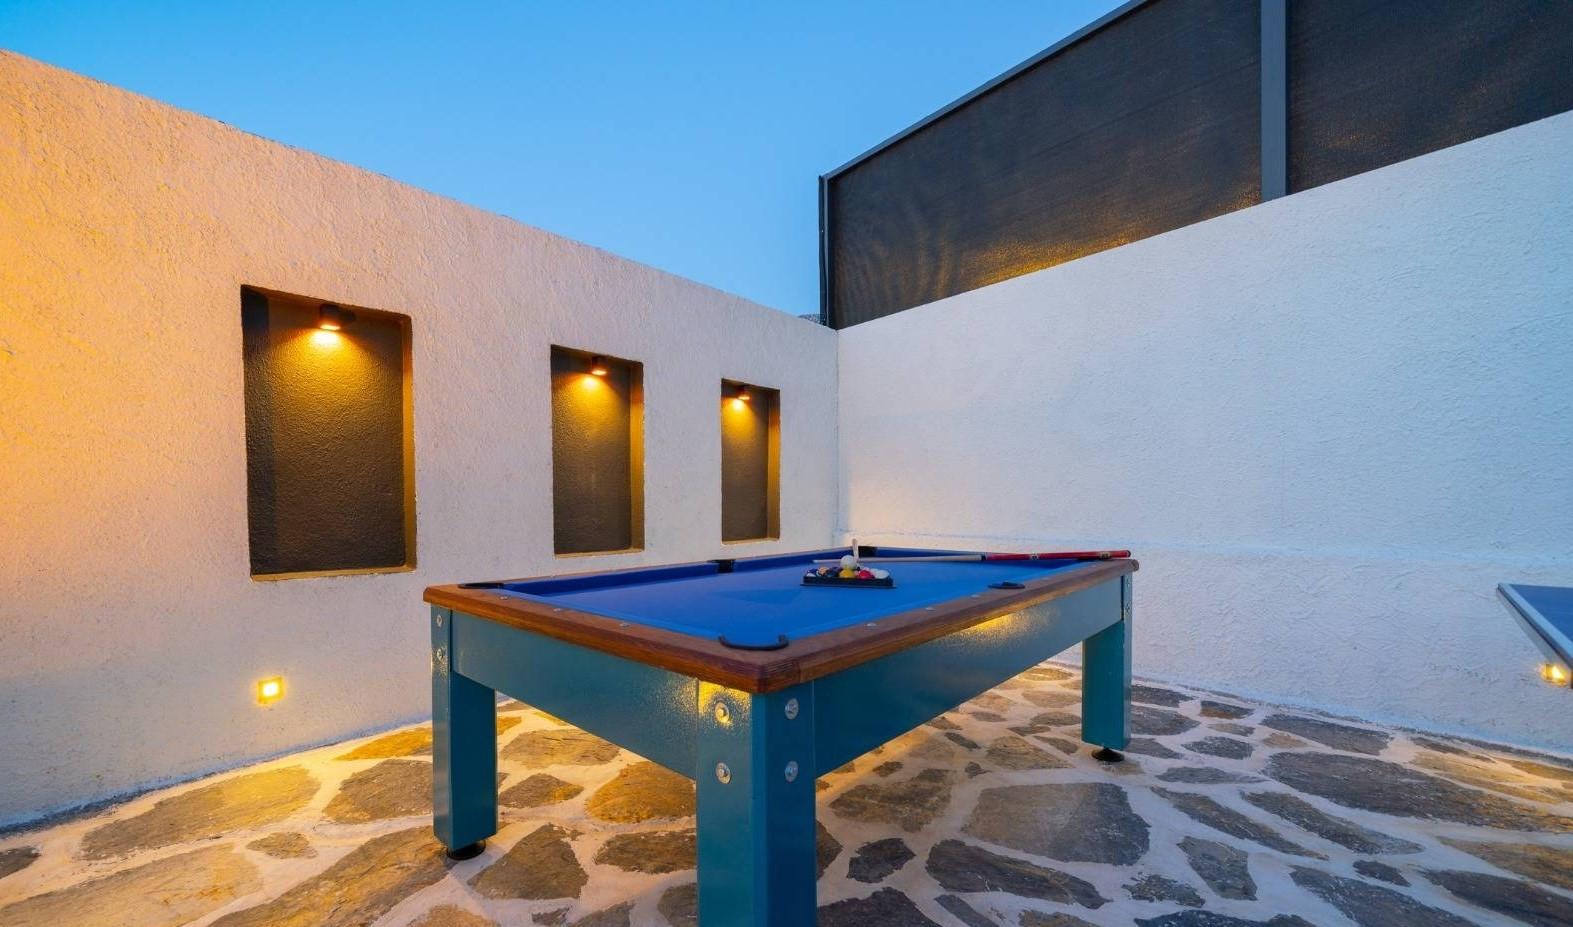 Pool & Table Tennis to Entertain